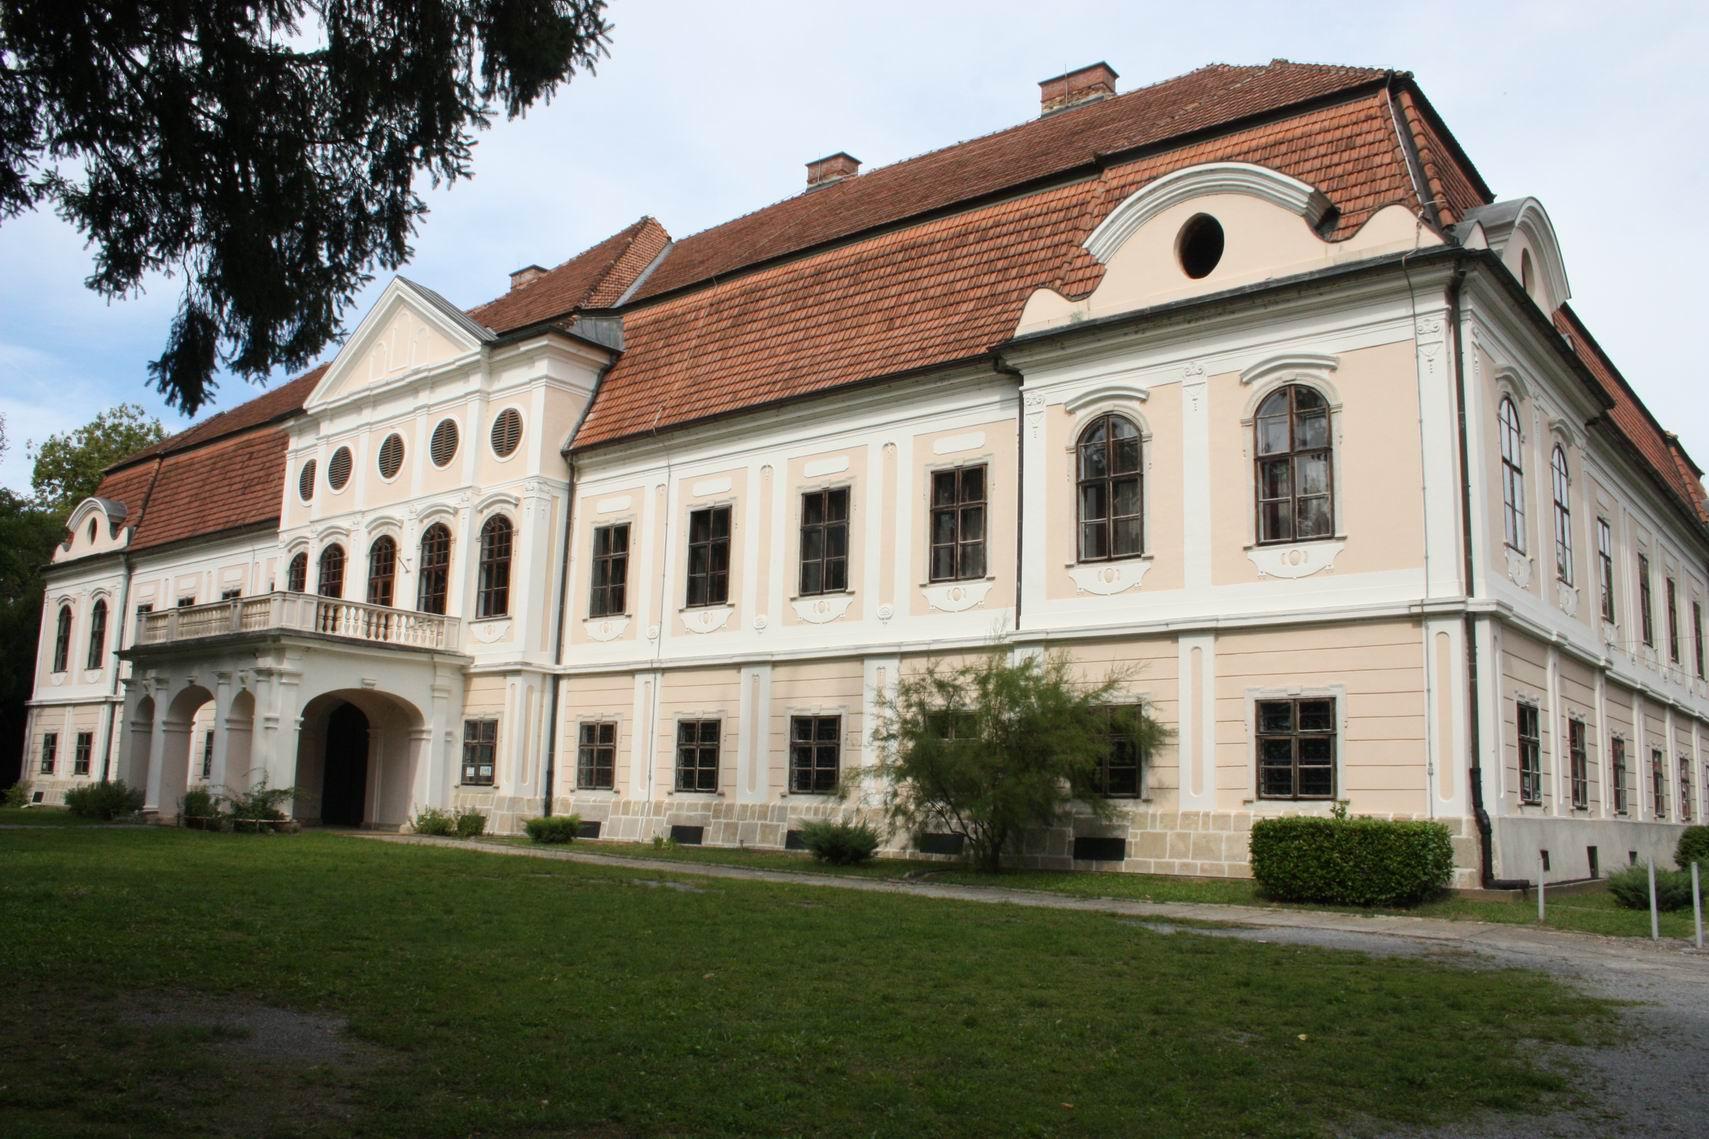 Neotkrivena zapadna Slavonija: Daruvar: Dvorac Janković